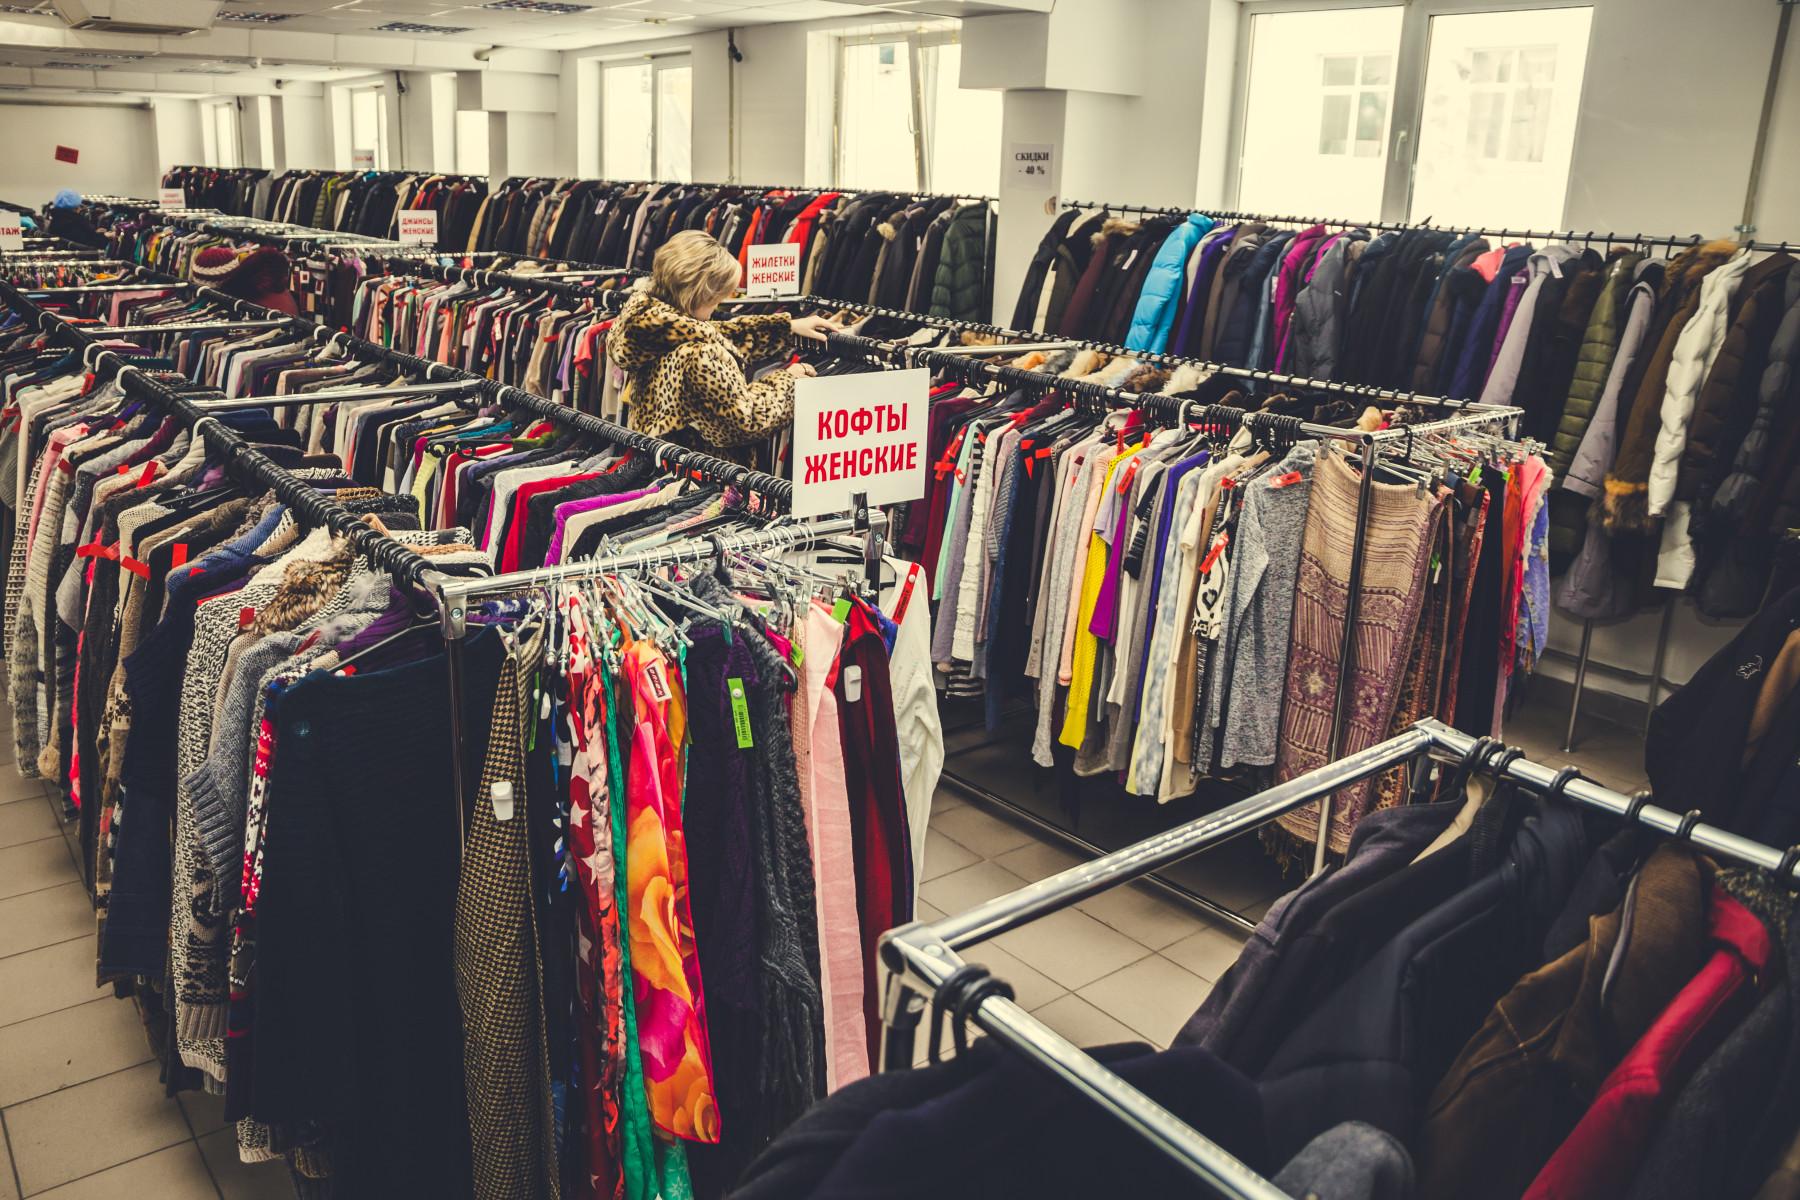 9743f8a46 Невероятно, но больше не нужно тратить много времени (и денег!) на  изматывающие походы по магазинам в поисках нужных вариантов одежды. В одном  месте собрано ...